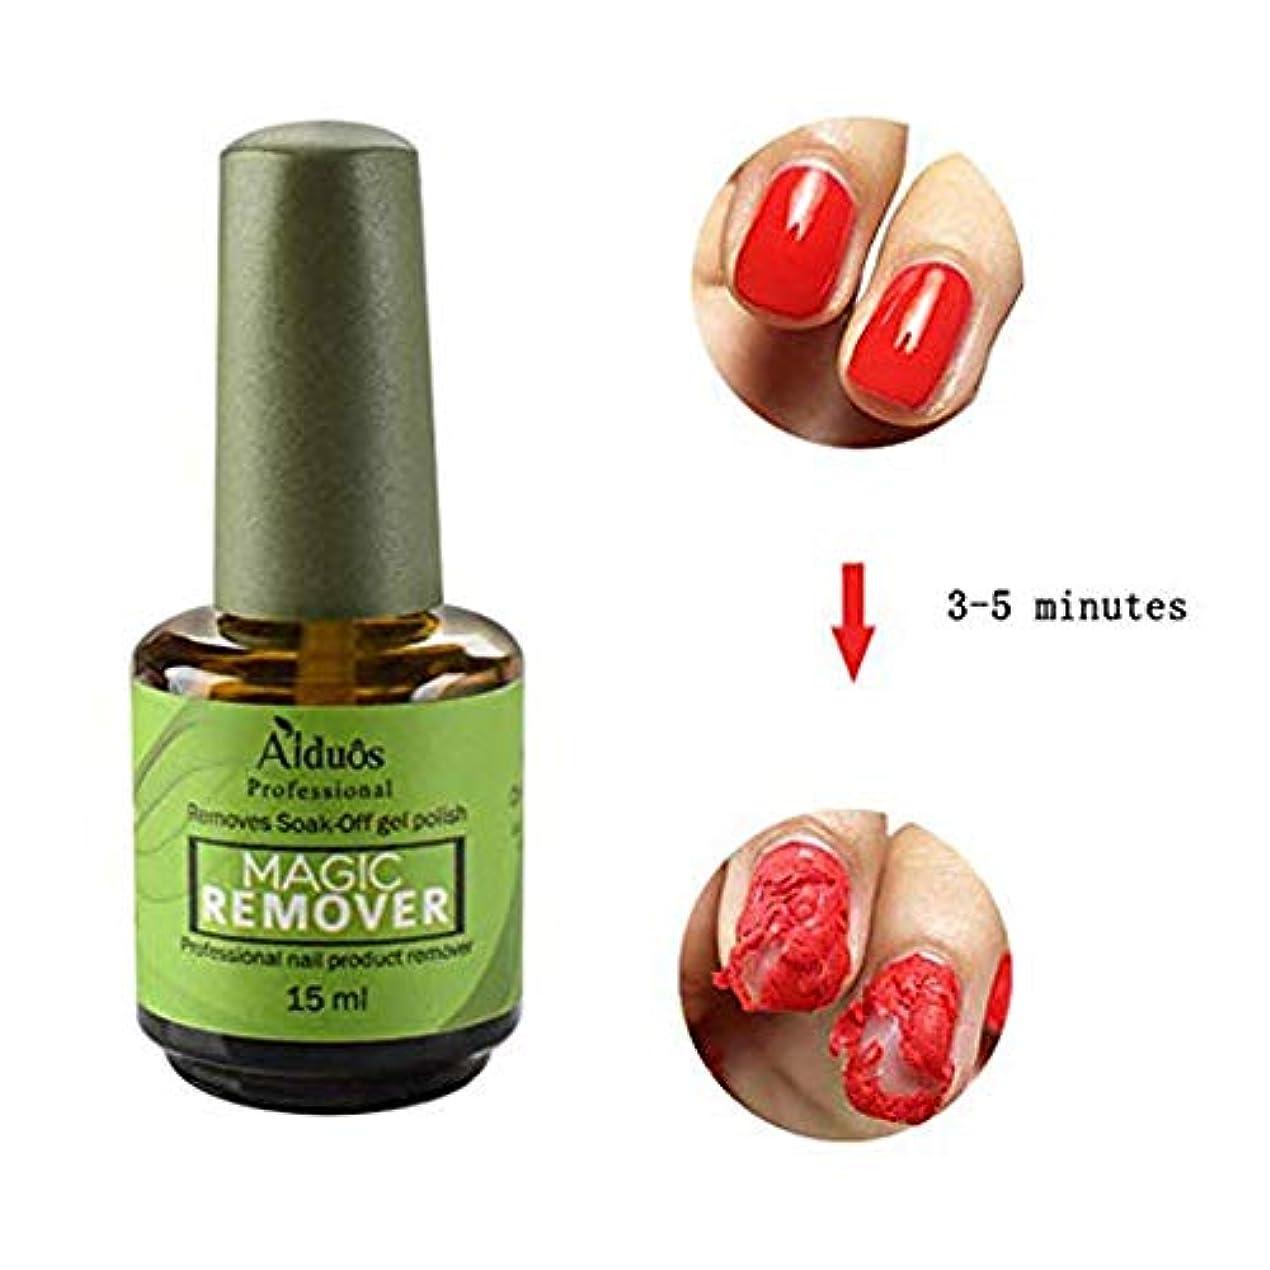 風味算術医薬品Arvolno ネイルカラーリムーバー ネイルポリッシュリムーバー ジェルオフリムーバー マニュキアリムーバー 爪にやさしい 爪に塗ってはがすだけ! 15ml (15ML)